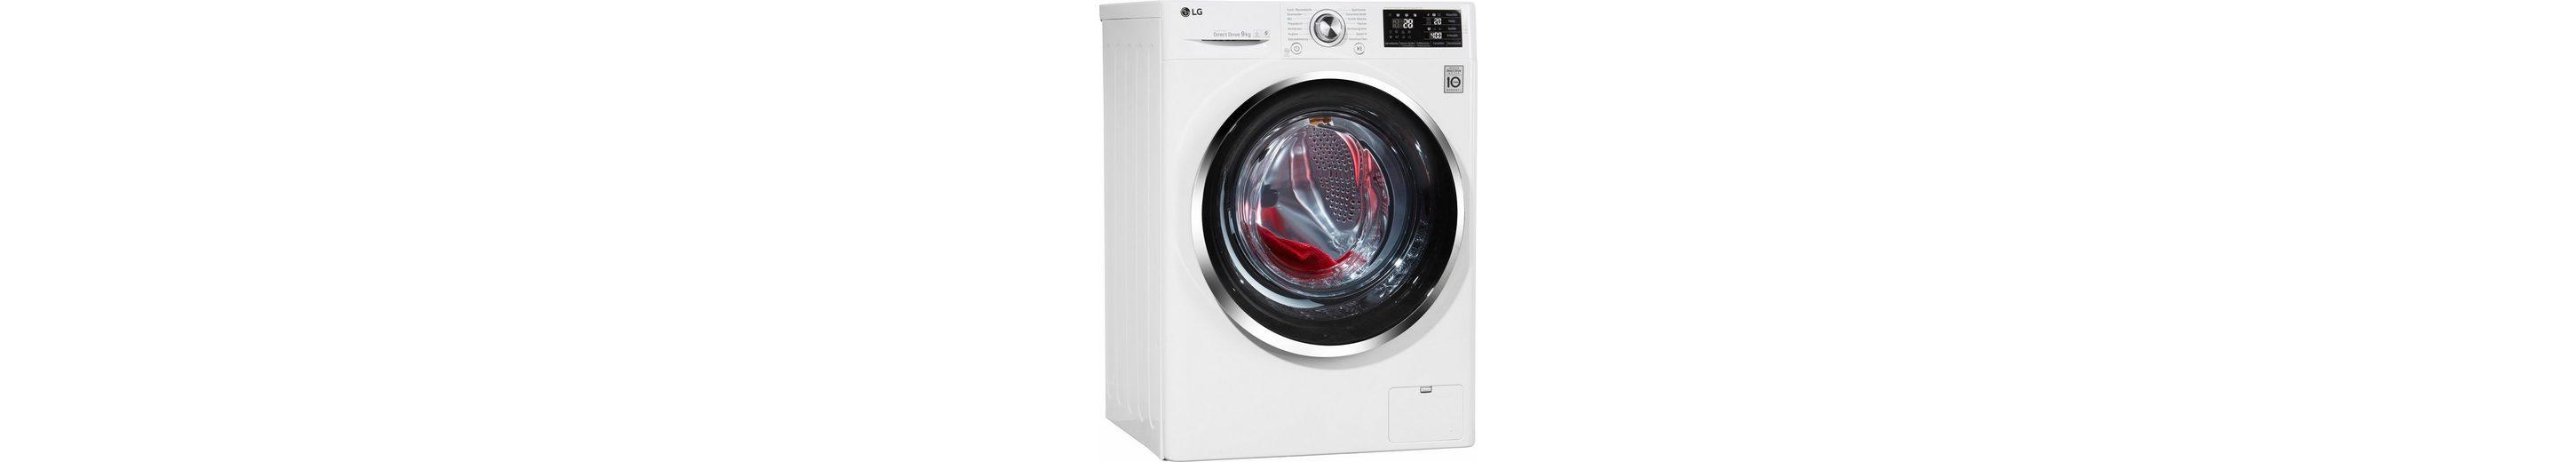 LG Waschmaschine F14U2 VCN2H, A+++, 9 kg, 1400 U/Min